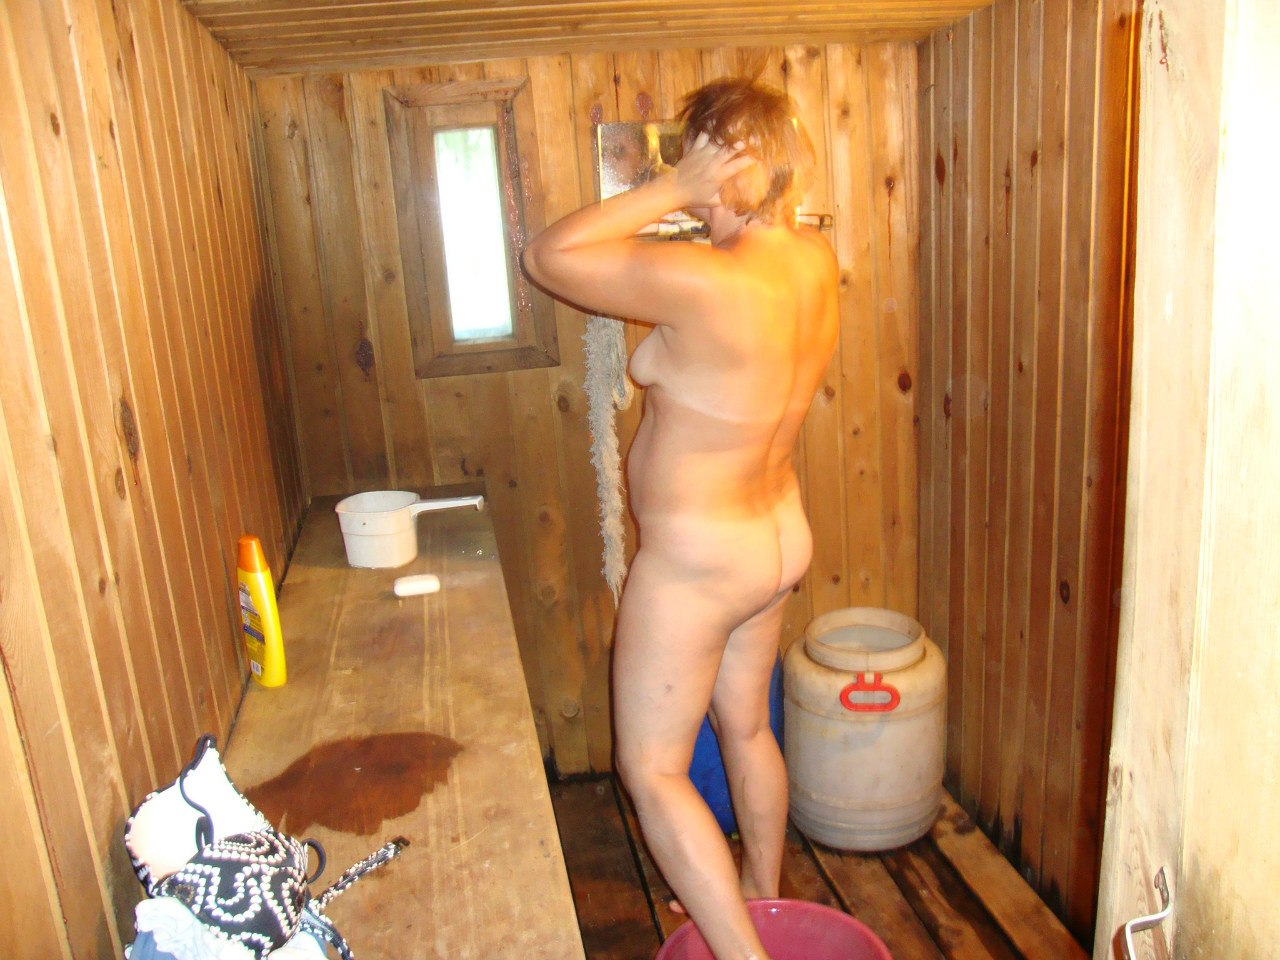 Фото интим в общественной бане 1 фотография